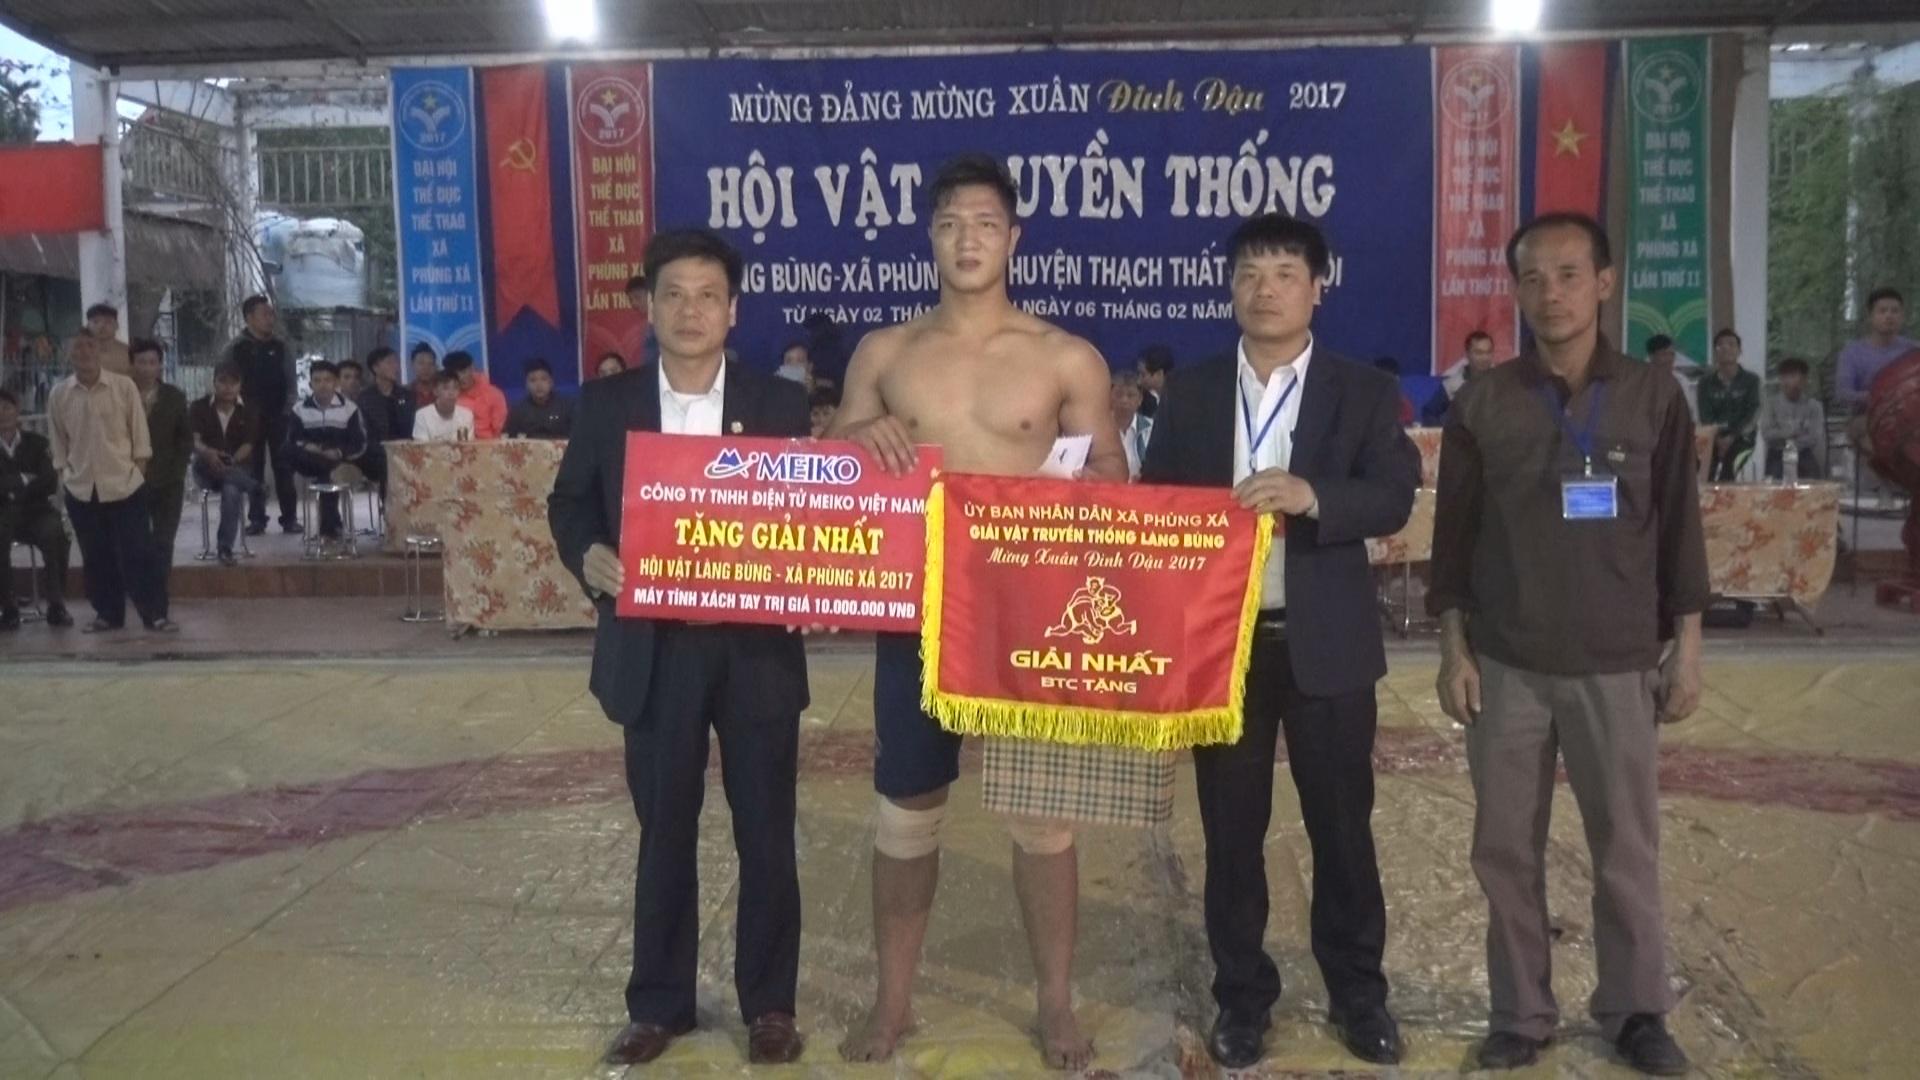 Bế mạc giải vật xuân Đinh Dậu 2017 làng Bùng xã Phùng Xá